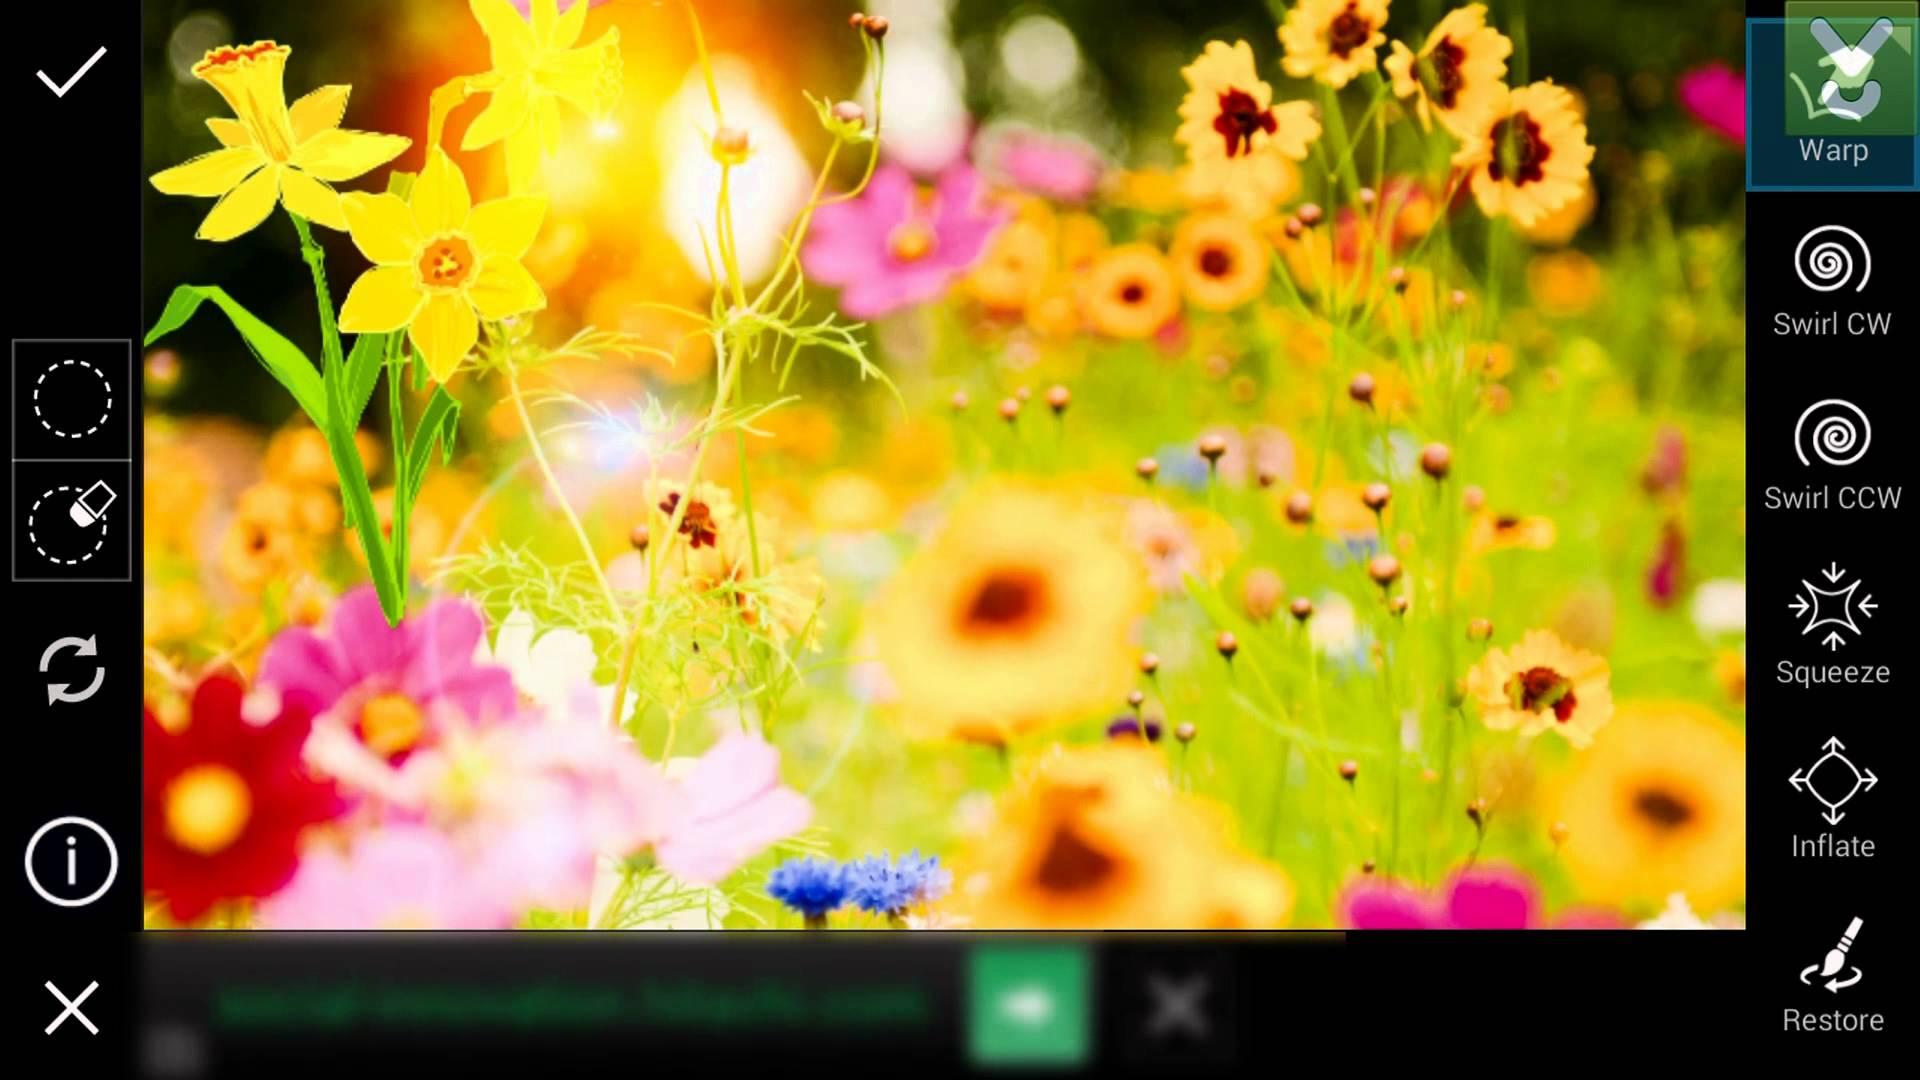 PICSART CB EDITING VIDEO DOWNLOAD HD - Picsart editing